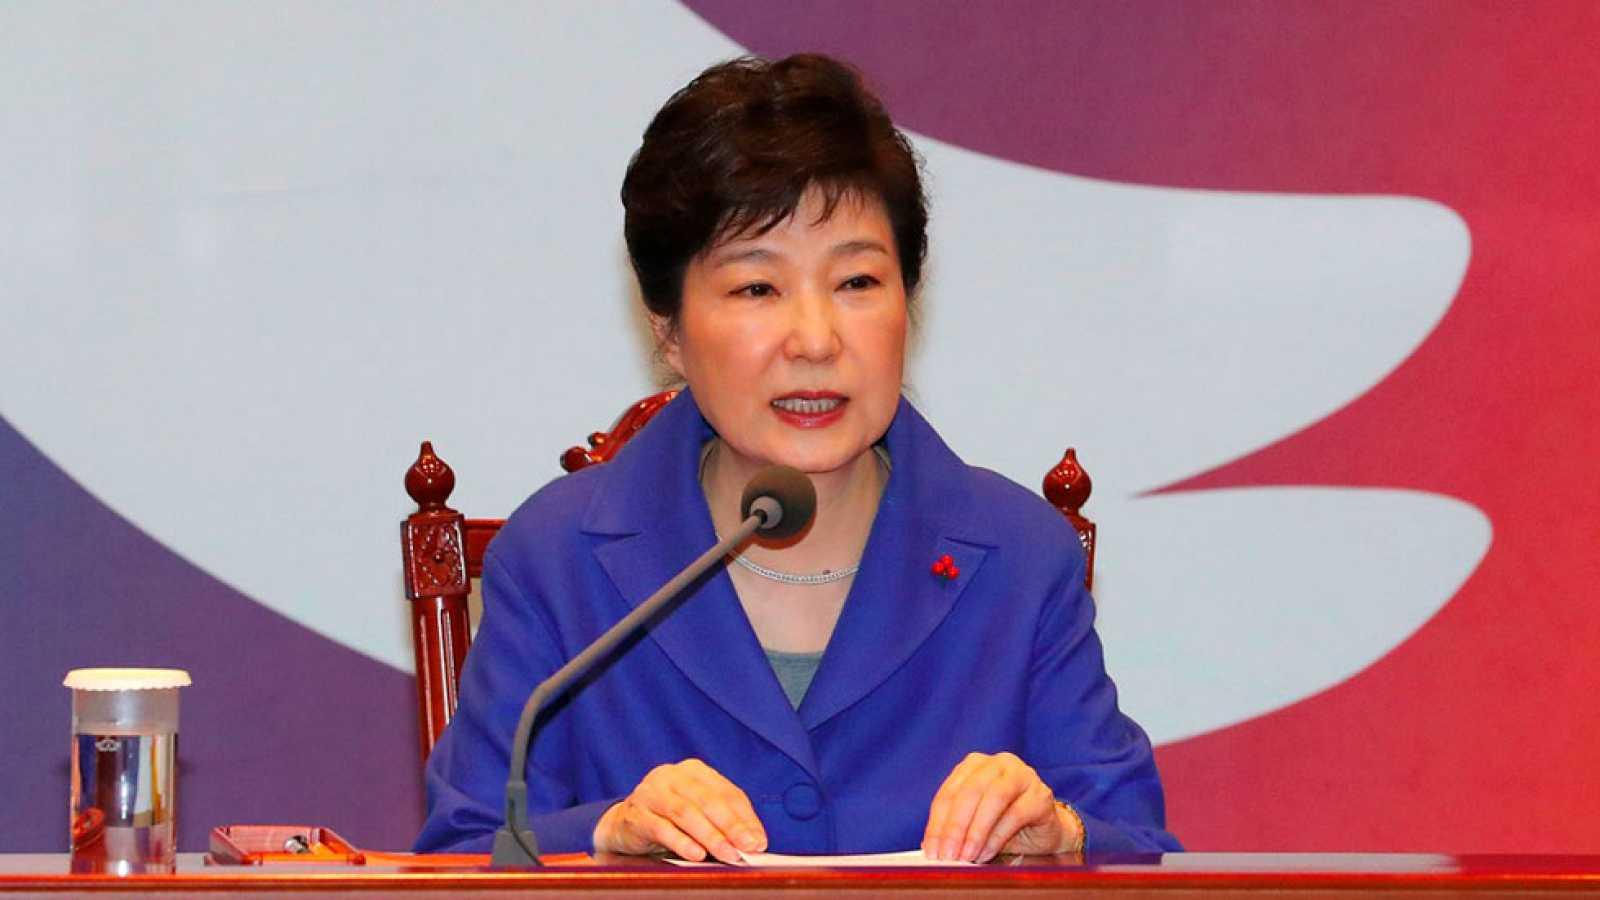 El parlamento de Corea del Sur aprueba la destitución de la presidenta del país